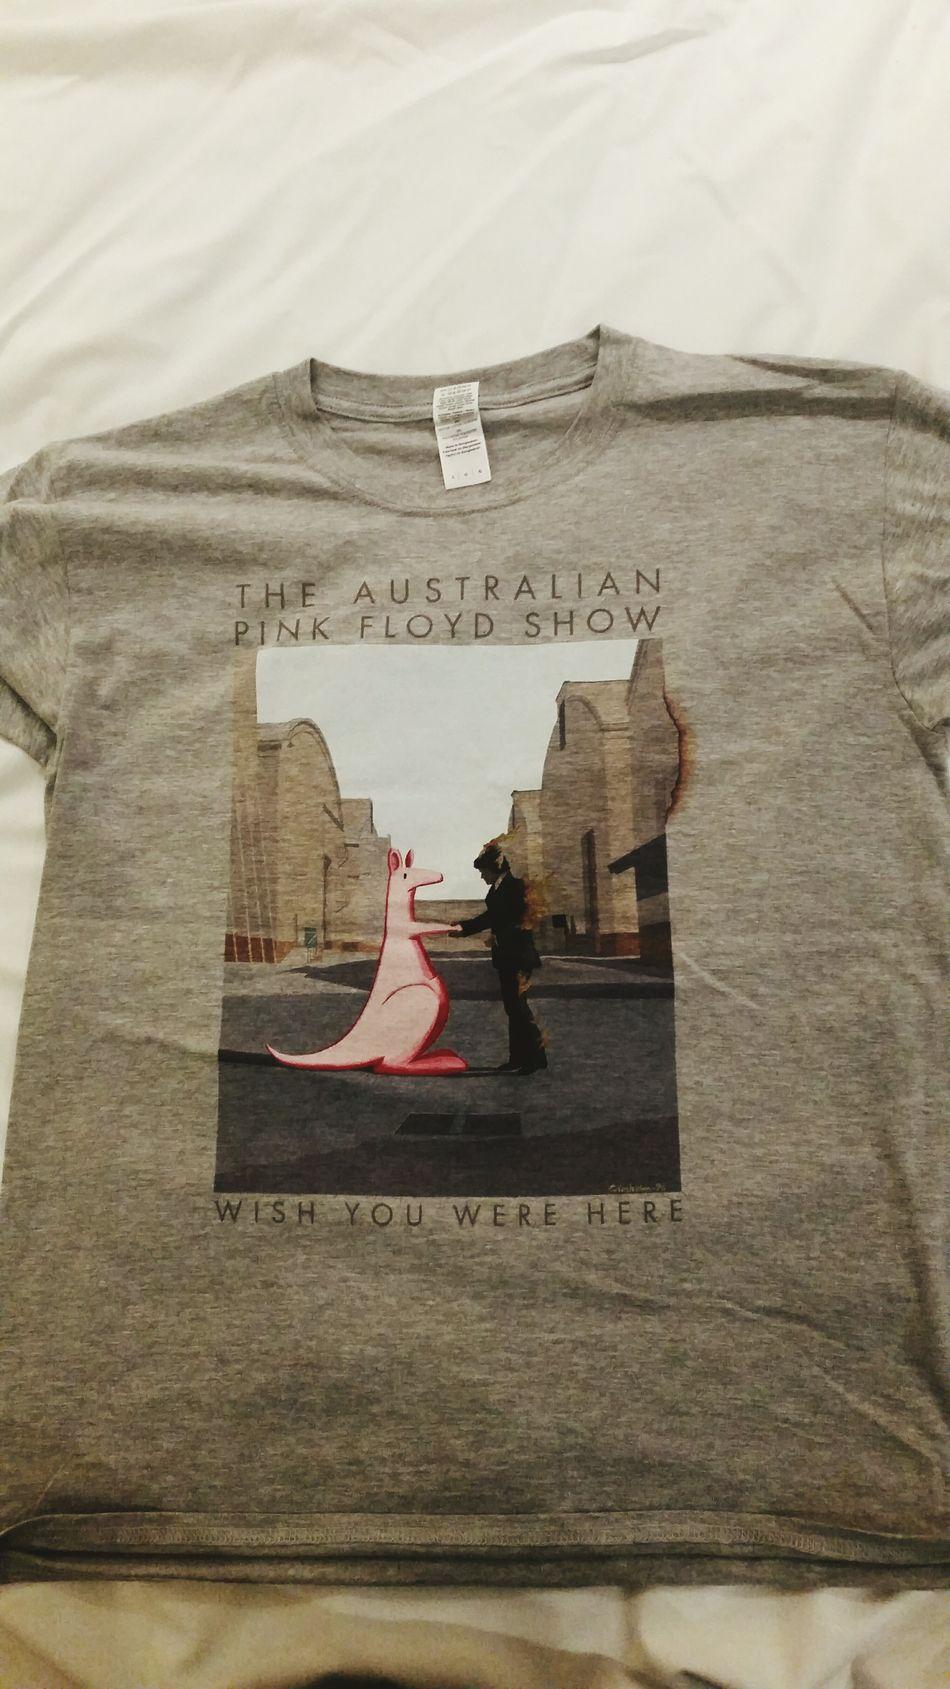 Aussie Pink Floyd